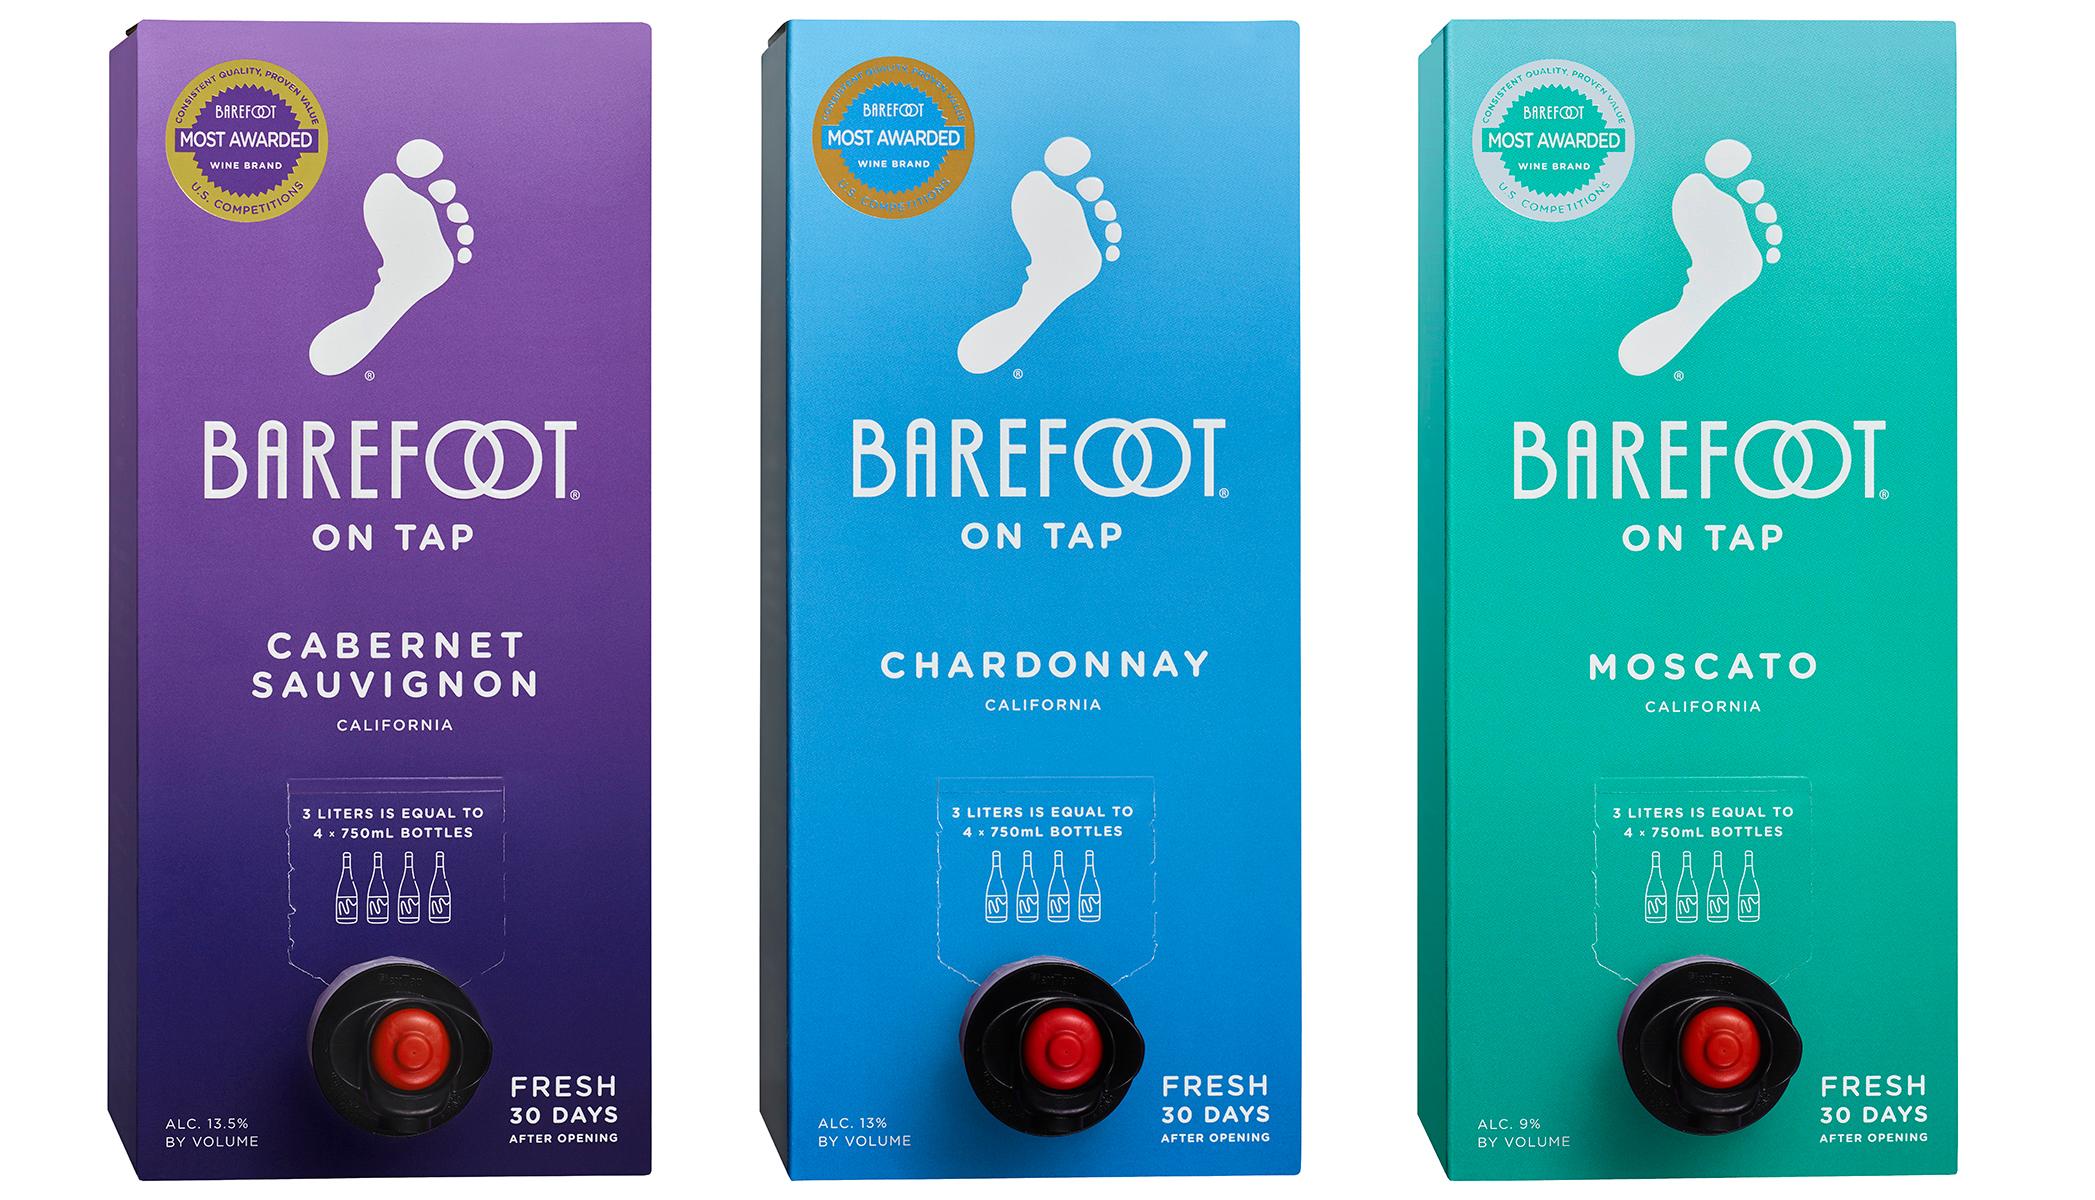 Barefoot-box-wine